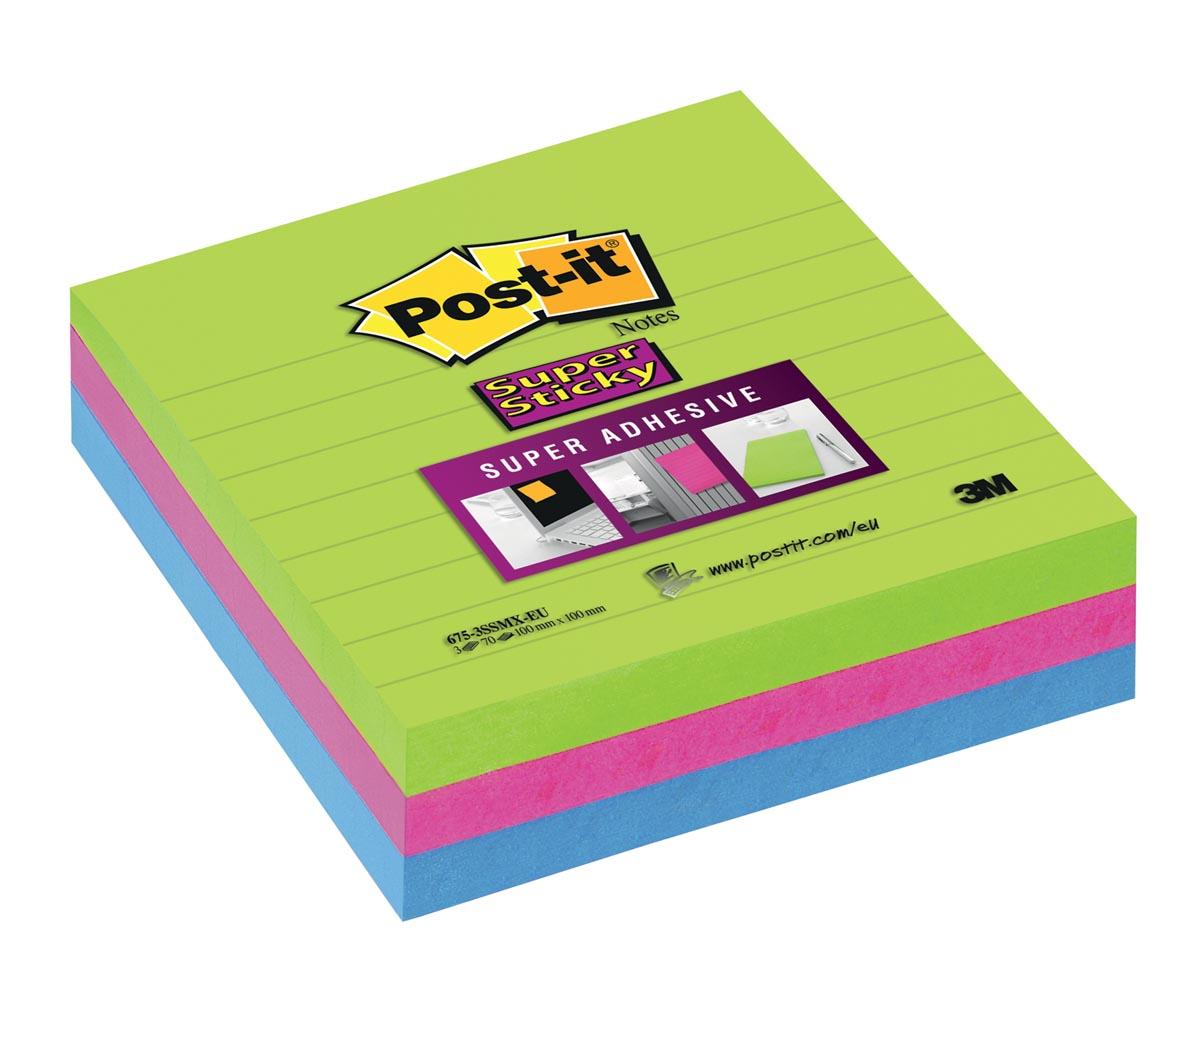 Post-it Super Sticky notes, ft 100 x 100 mm, 70 vel per blok, pak van 3 blokken in geassorteerde kle